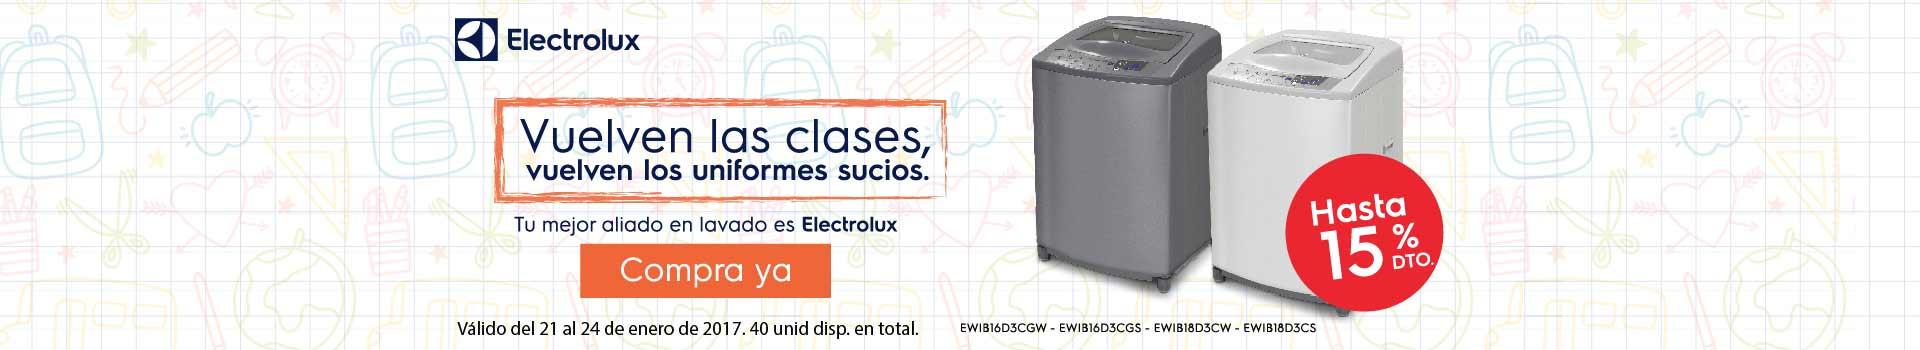 CAT ELECTROHOGAR - enero 21 - Hasta 15%Dto. en Lavadoras ELECTROLUX ref. seleccionadas